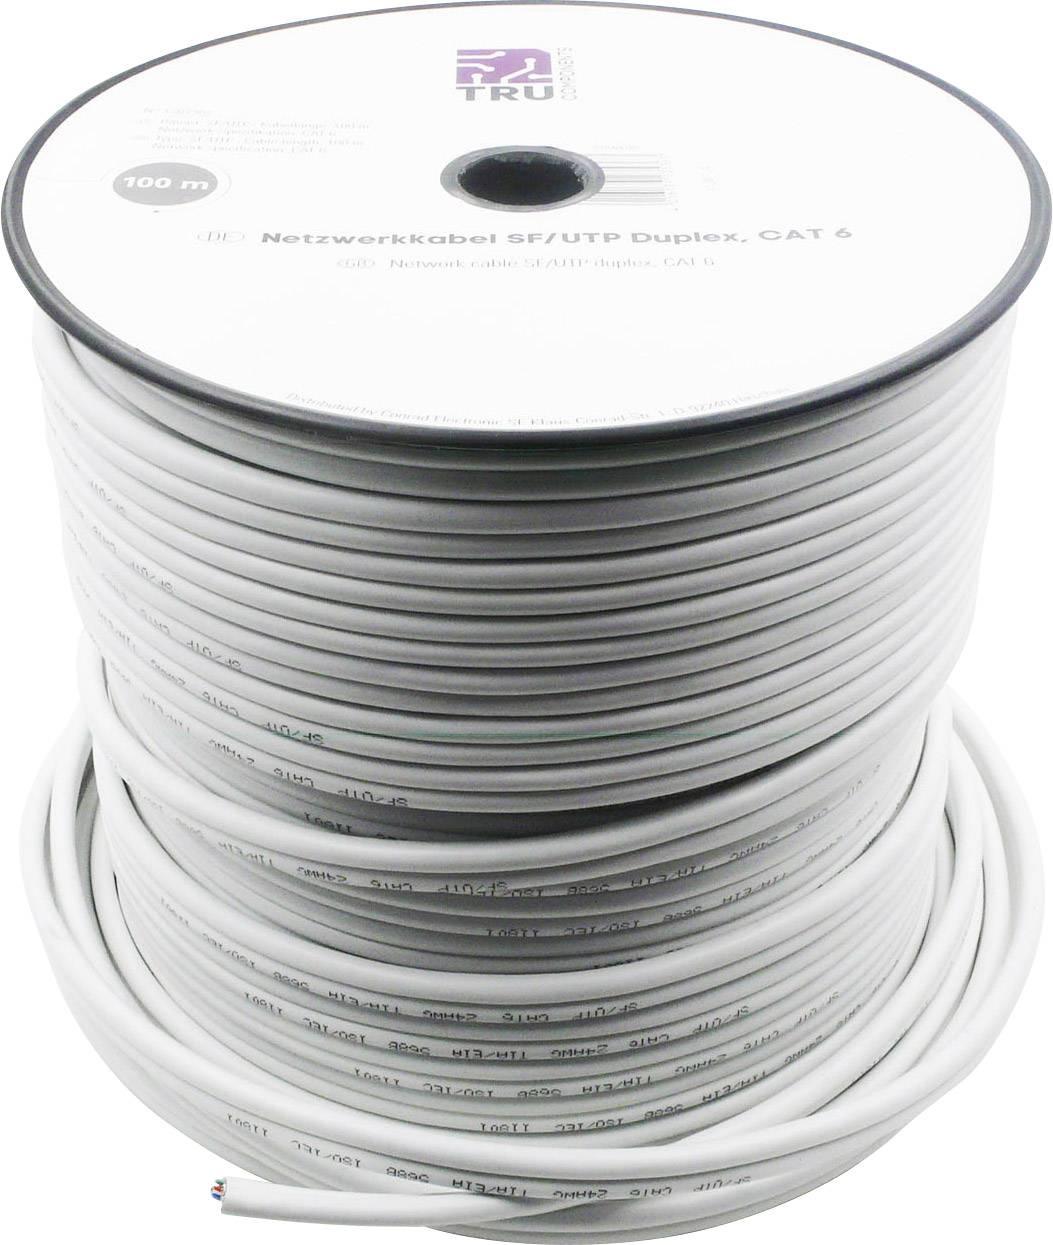 Ethernetový síťový kabel CAT 6 TRU COMPONENTS CAT 5e/CCA, SF/UTP, 8 x 2 x 0.196 mm², bílá, 100 m